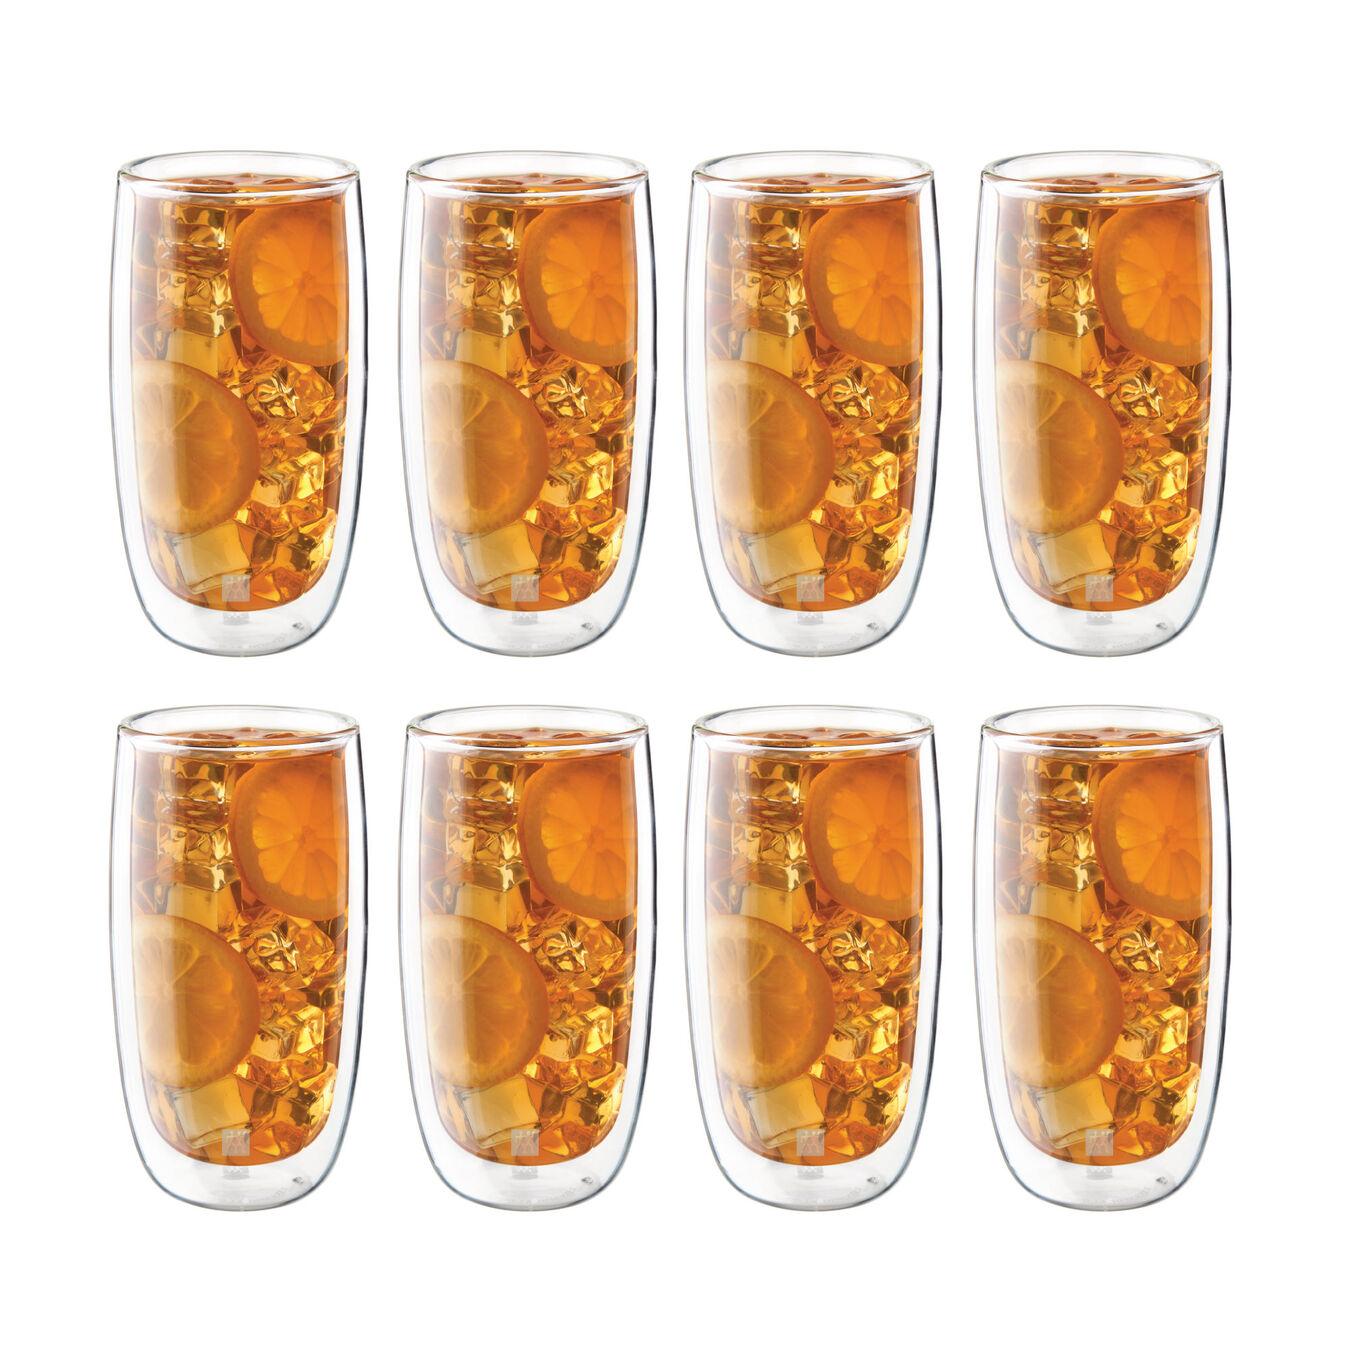 8 Piece Beverage Glass Set - Value Pack,,large 2